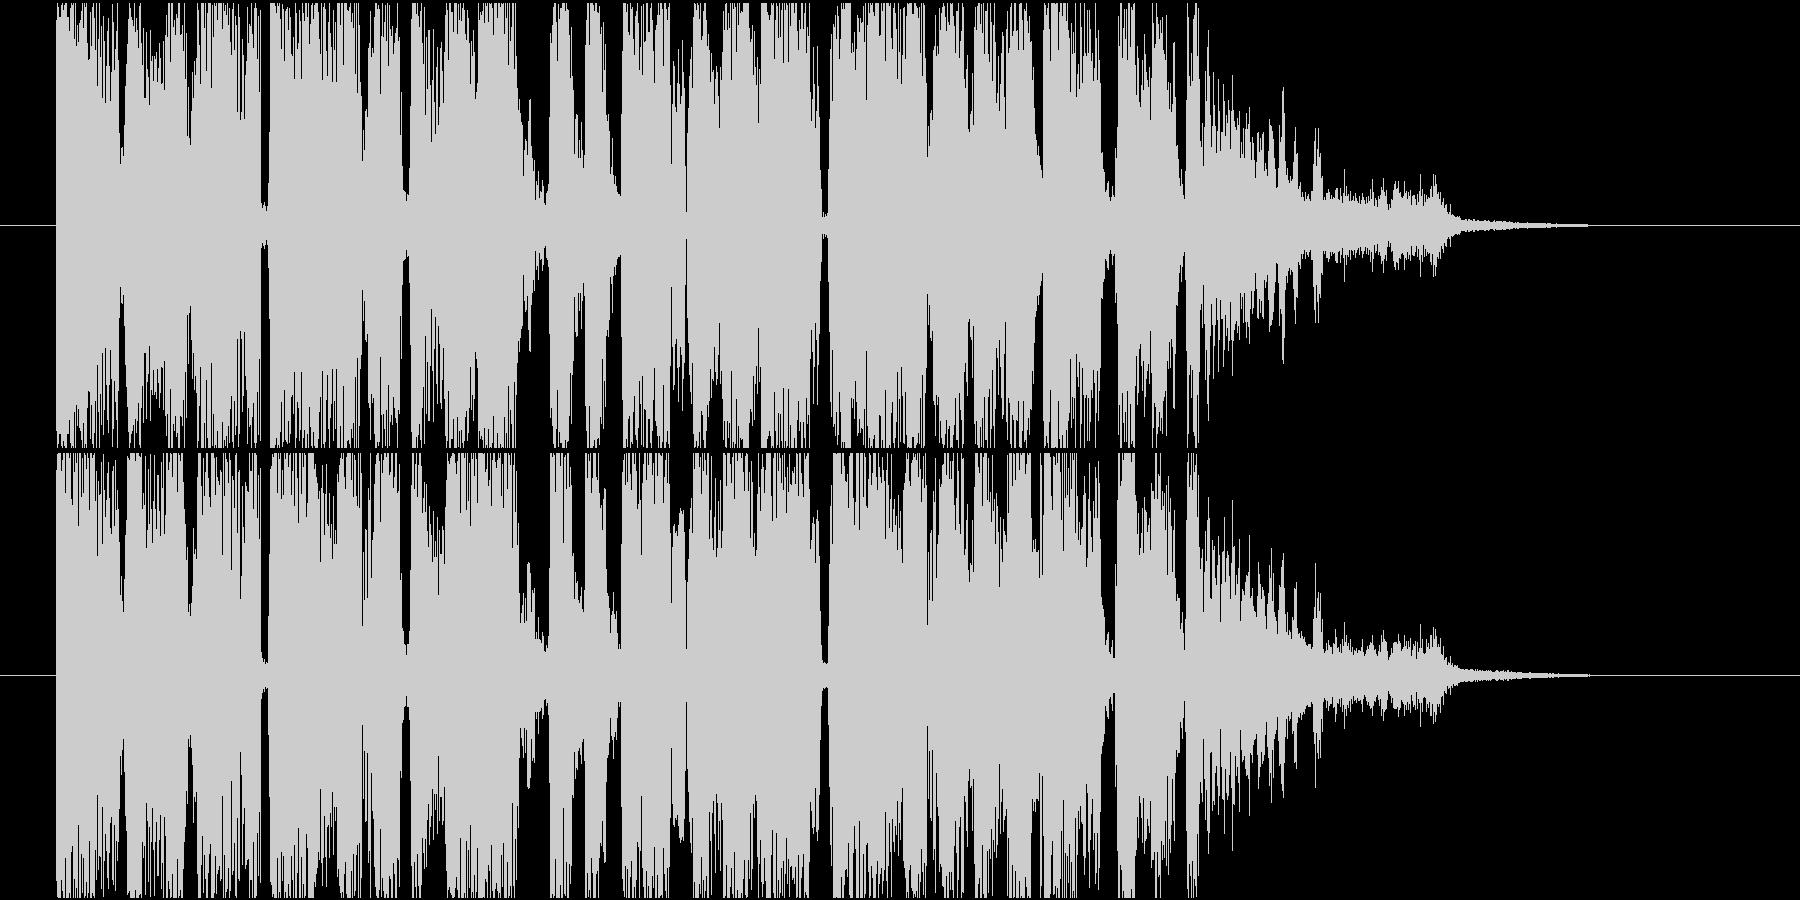 【ジングル】疾走感あるテクノ調の曲の未再生の波形